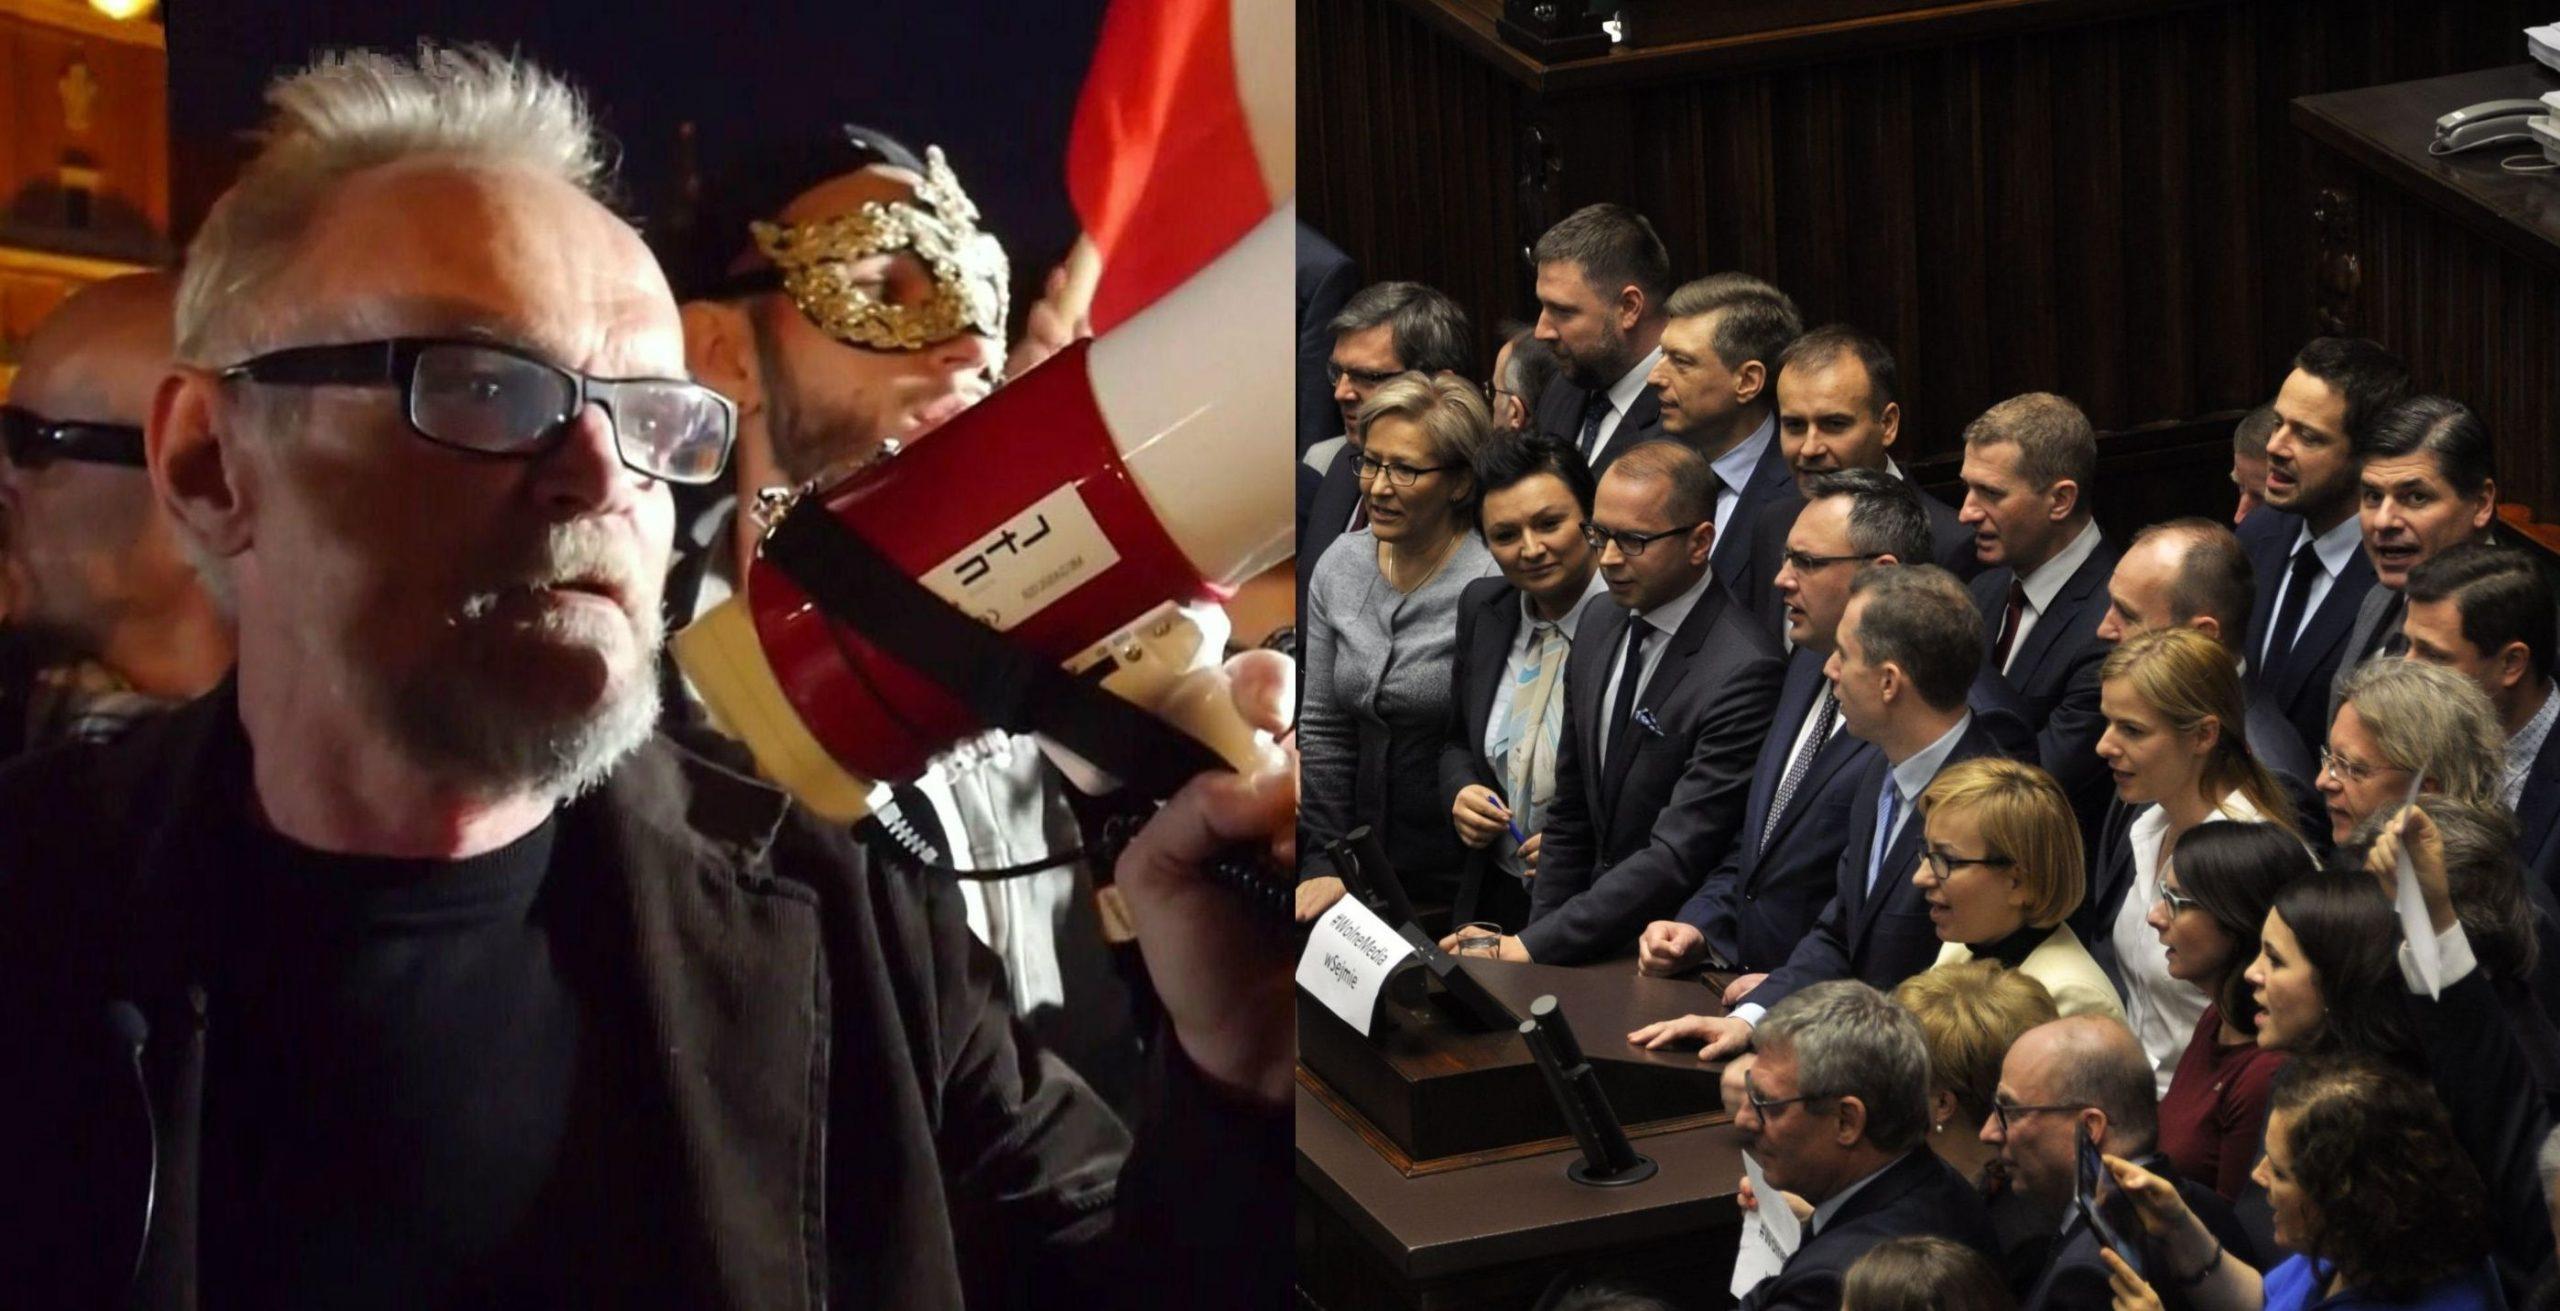 Gdzie są polityczne i medialne bojówki PiS?